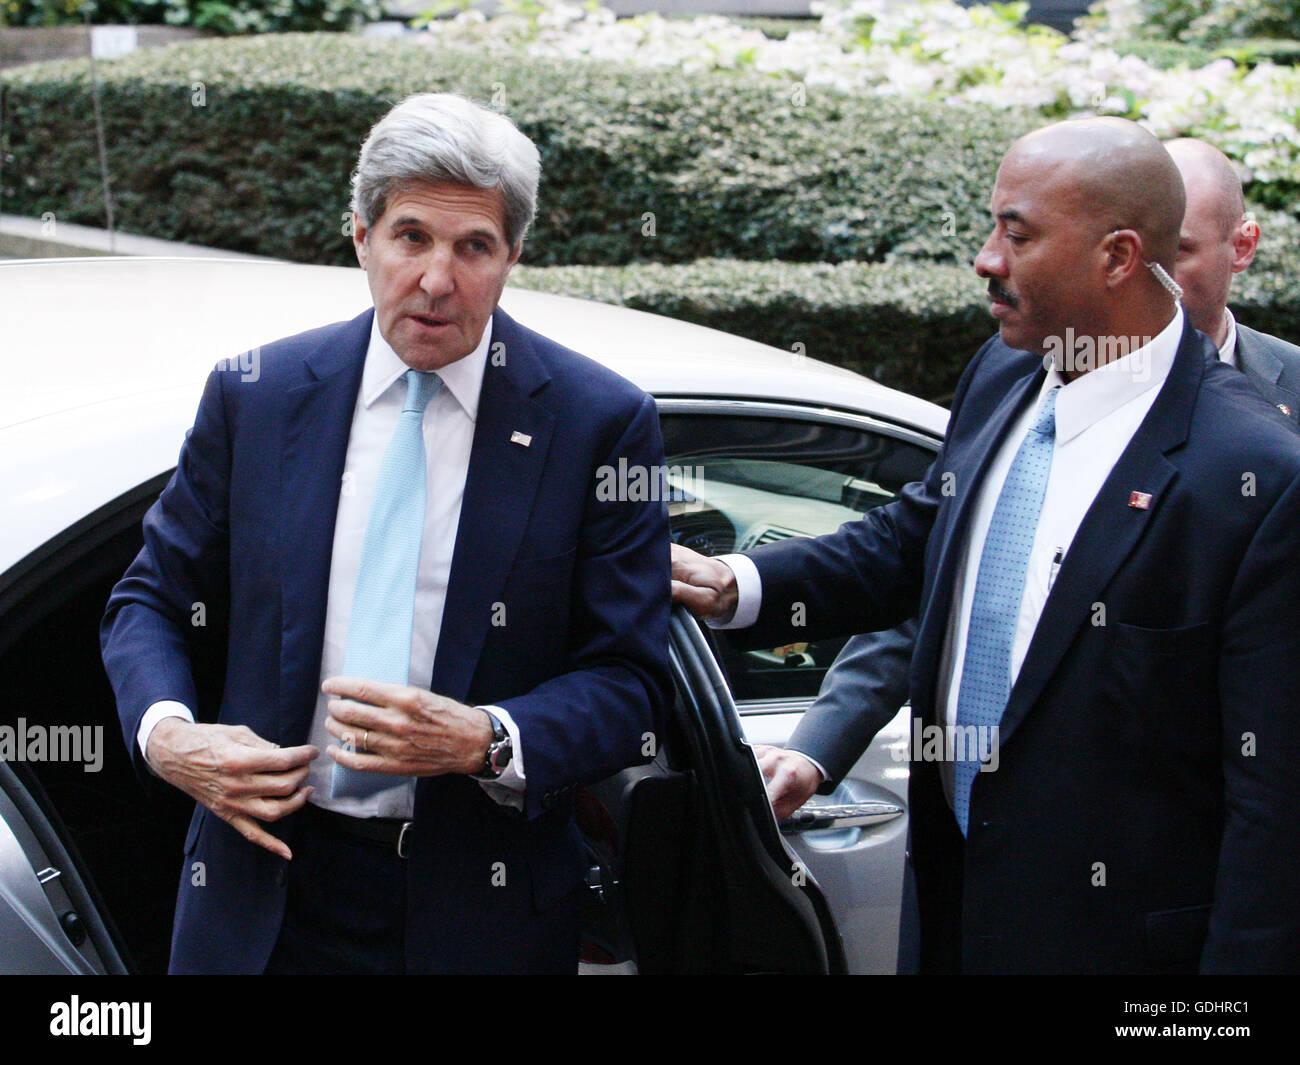 Bruselas, Bélgica. El 18 de julio, 2016. John Kerry, Secretaria de Estado de EE.UU. llega a la reunión del Consejo de Asuntos Exteriores que tiene lugar en el Consejo Europeo. Crédito: Leonardo Hugo Cavallo/Alamy Live News Foto de stock